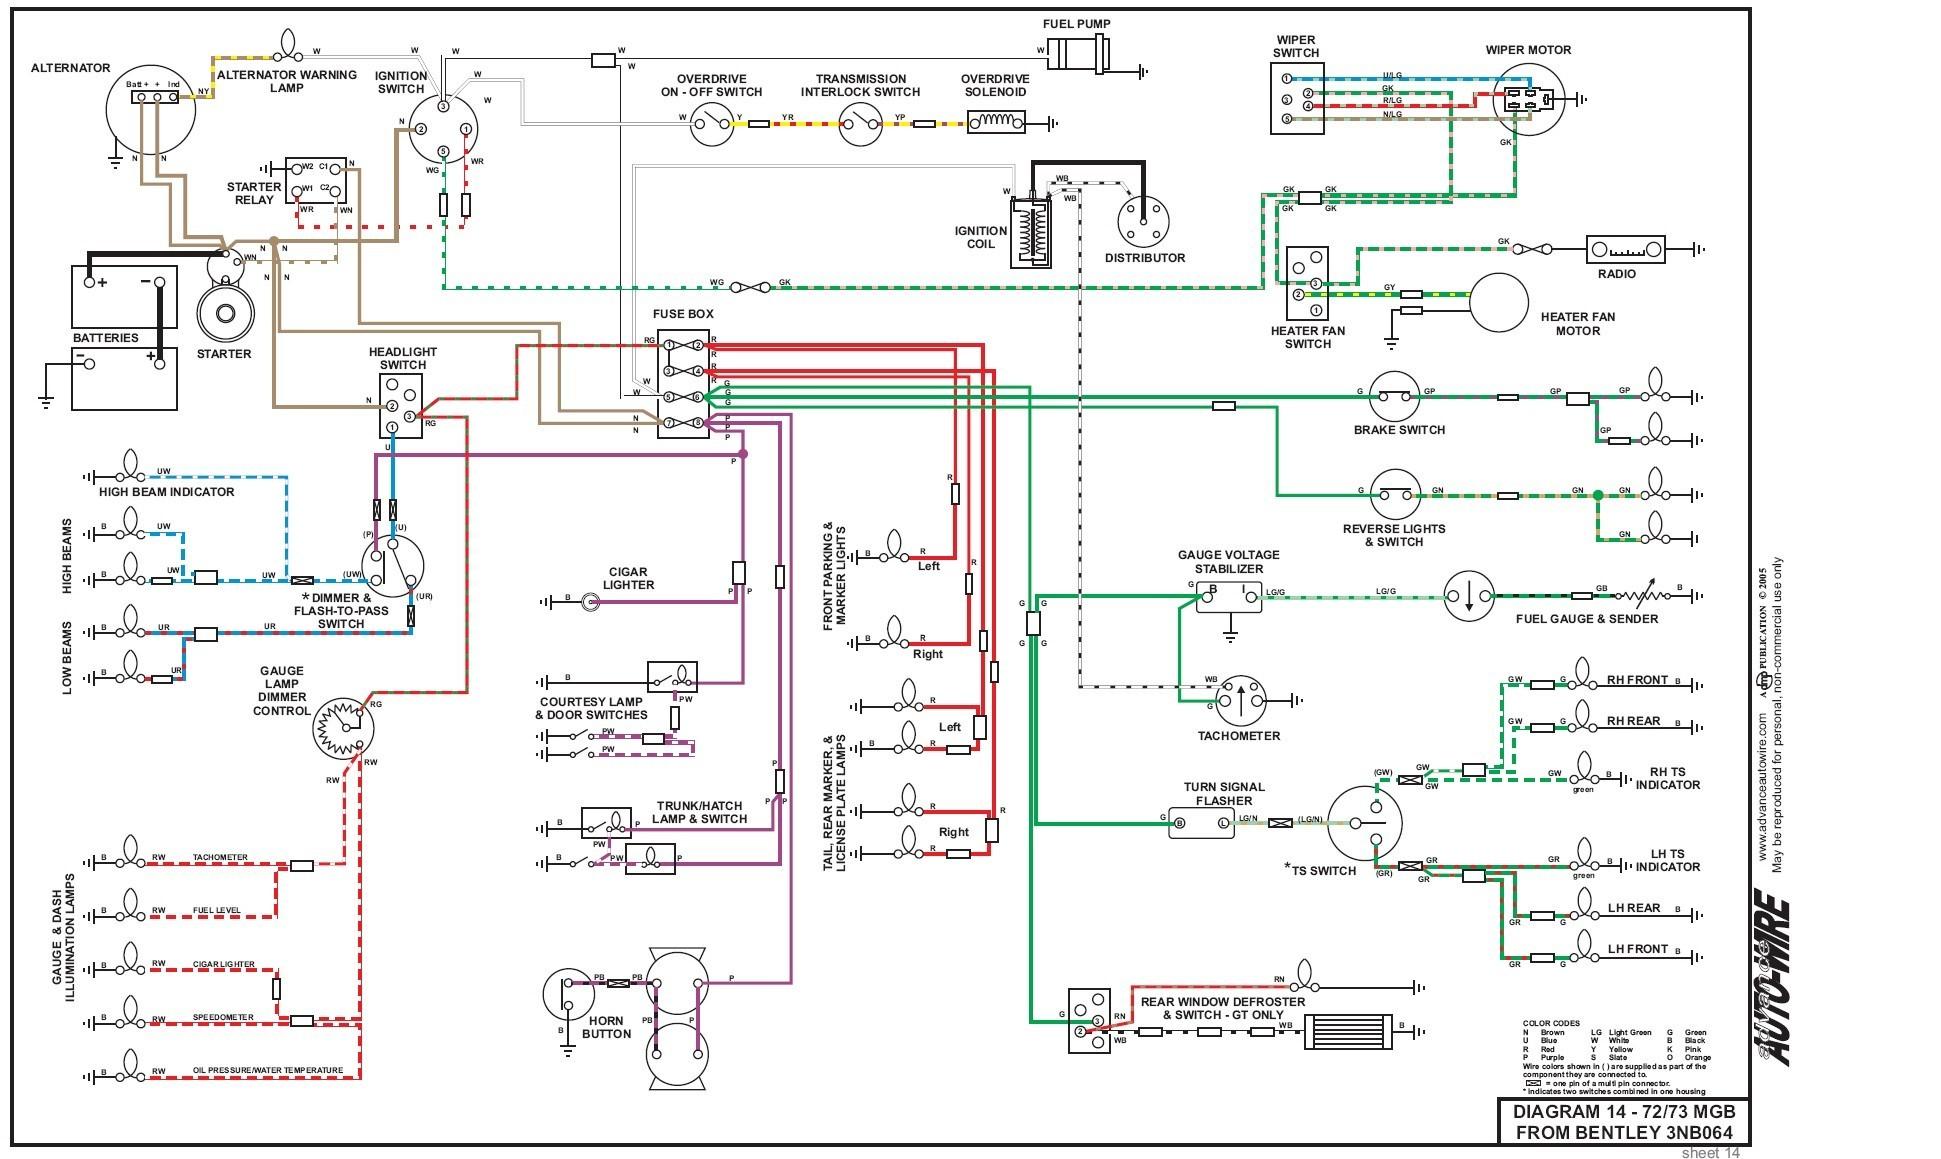 bendpak lift wiring diagram basic electronics wiring diagram